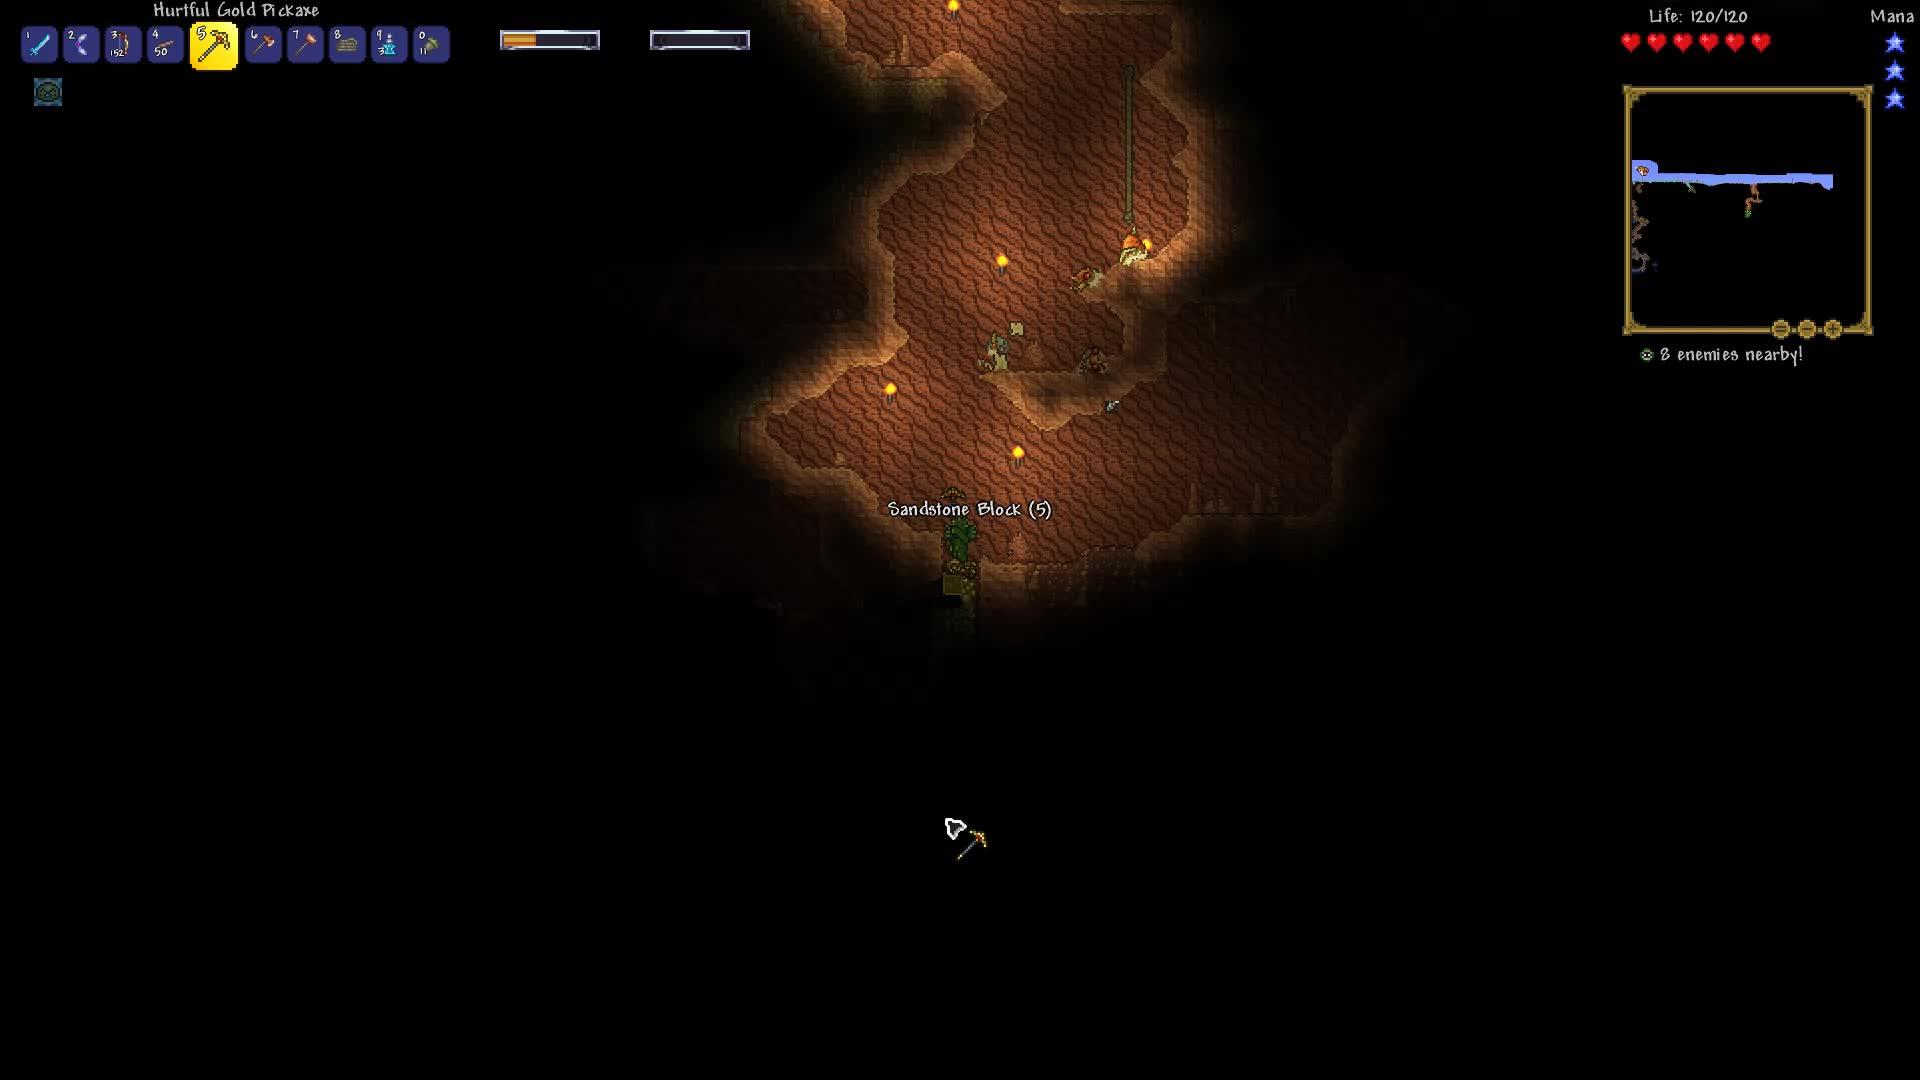 Terraria, Spooky GIFs